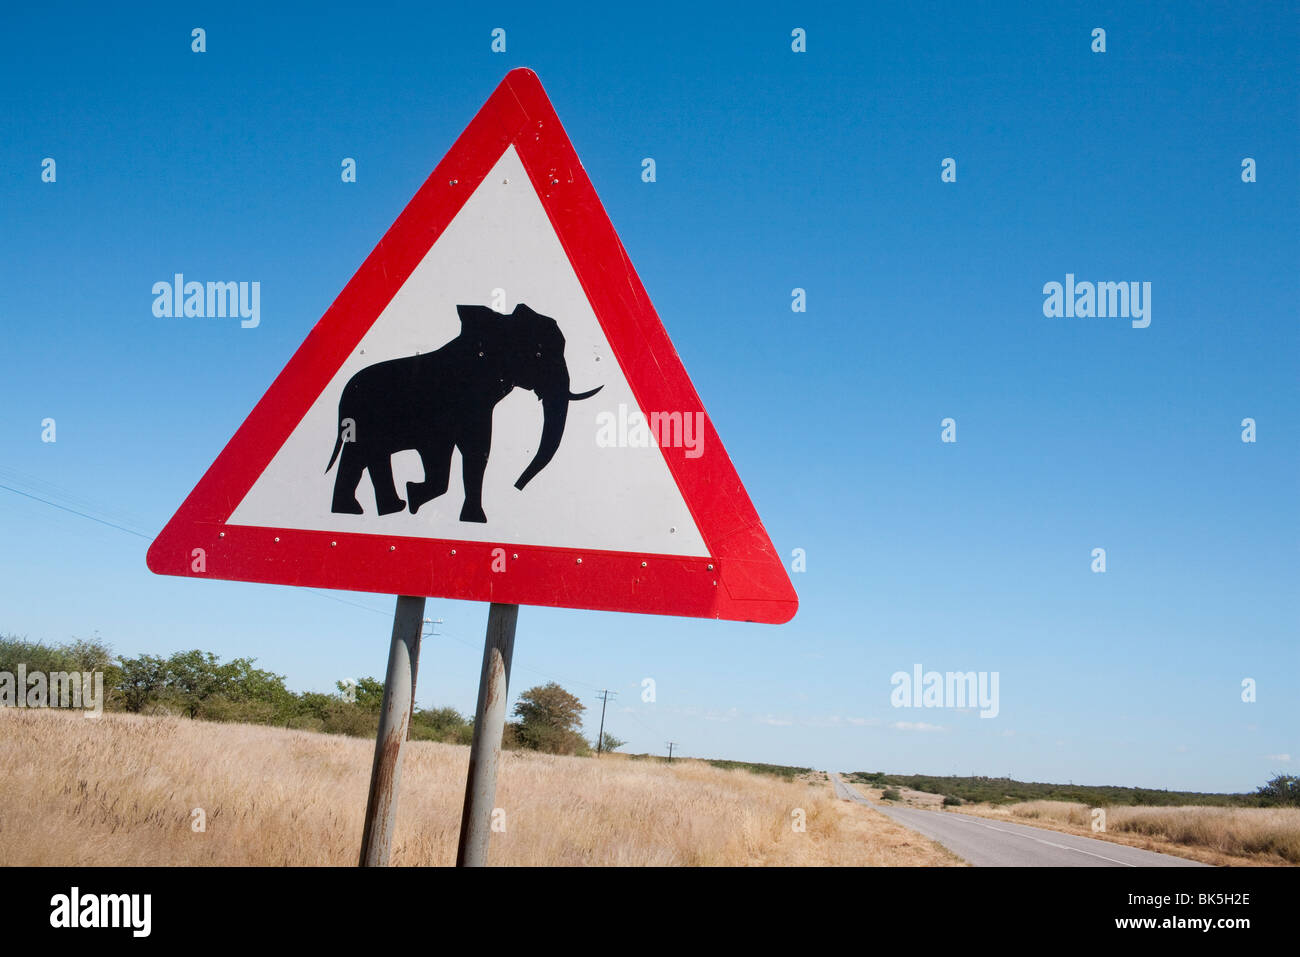 Elephant road sign, Damaraland, région de Kunene, Namibie, Afrique Banque D'Images